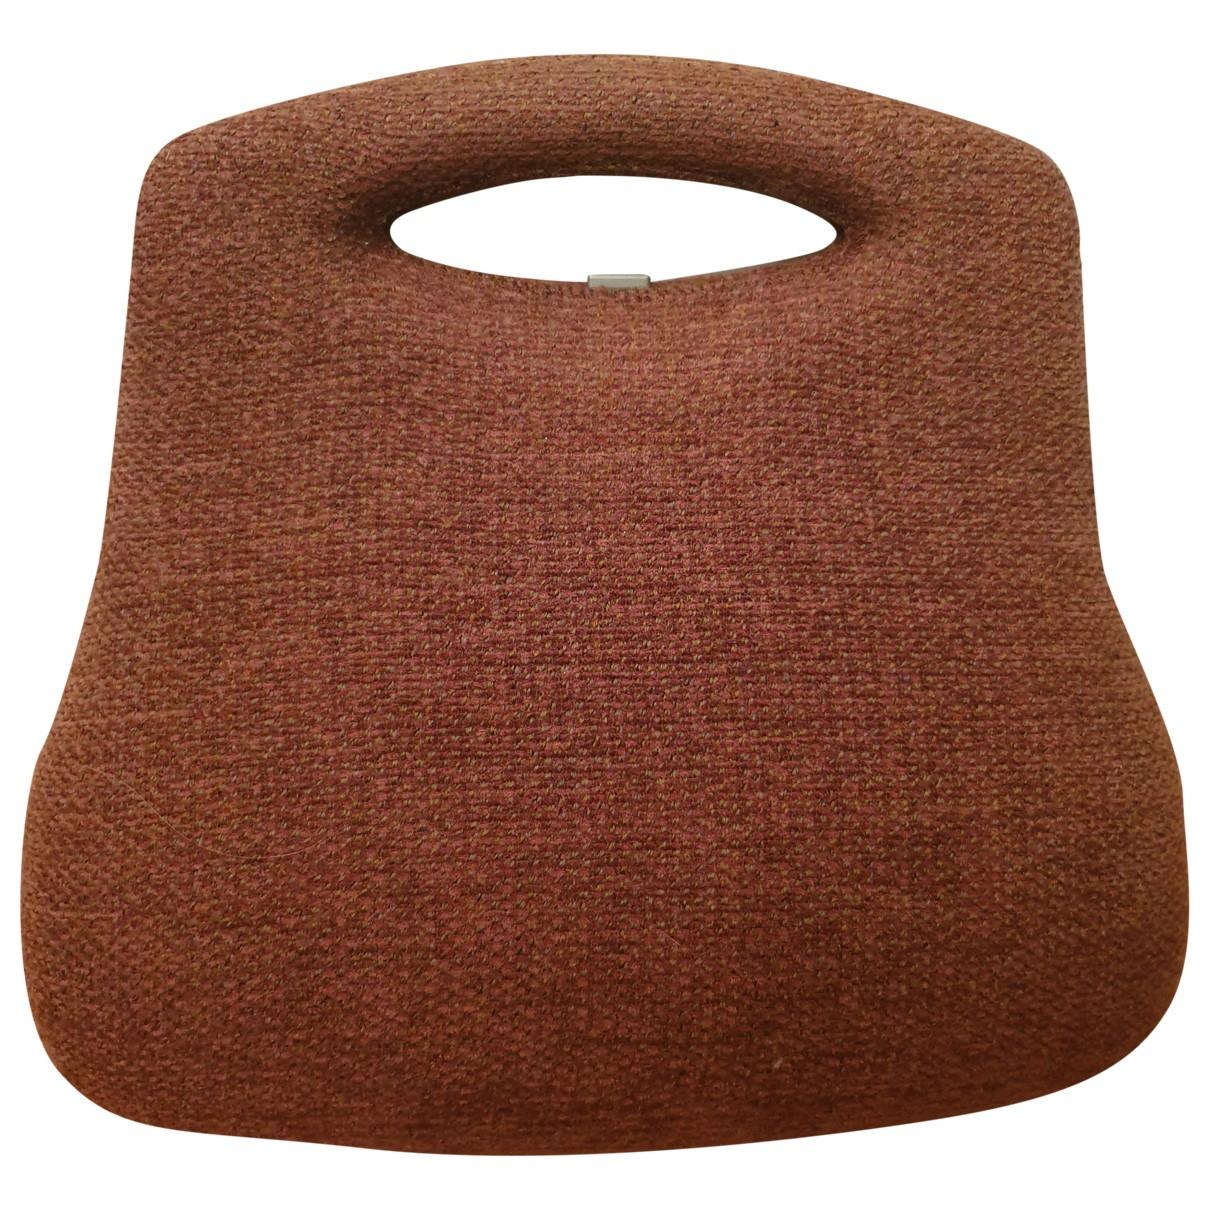 Chanel Millenium Clutch in  Braun Wolle